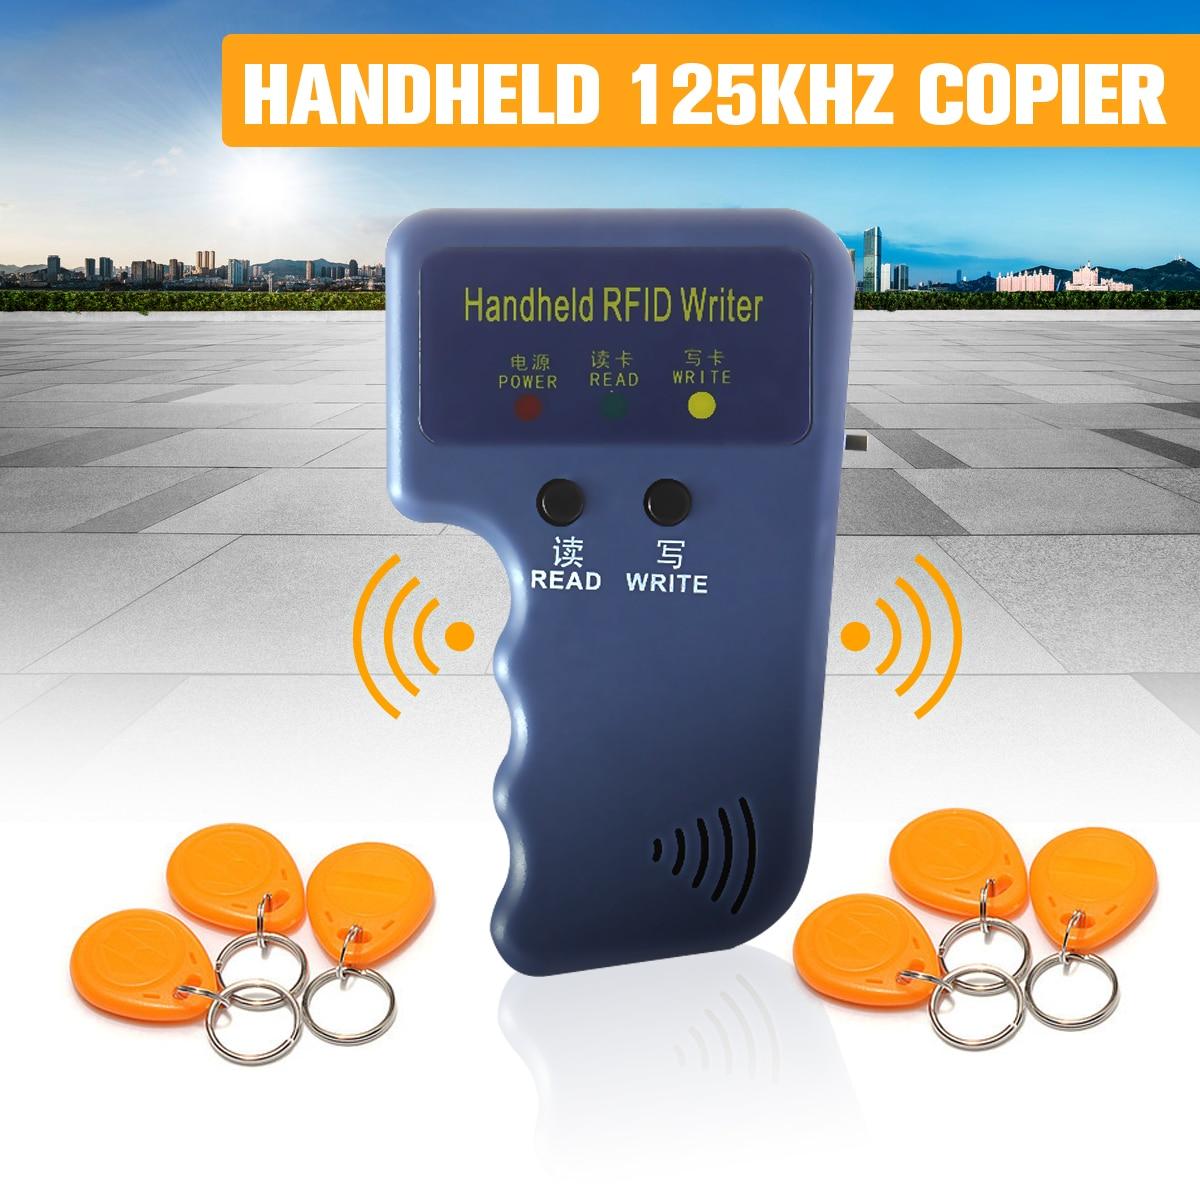 Handheld RFID 125 khz Cartão de IDENTIFICAÇÃO Duplicador Copiadora Escritor Leitor Programador + 6 EM4100 Teclas + 6 pcs Regravável ID etiquetas Keyfobs Cartões